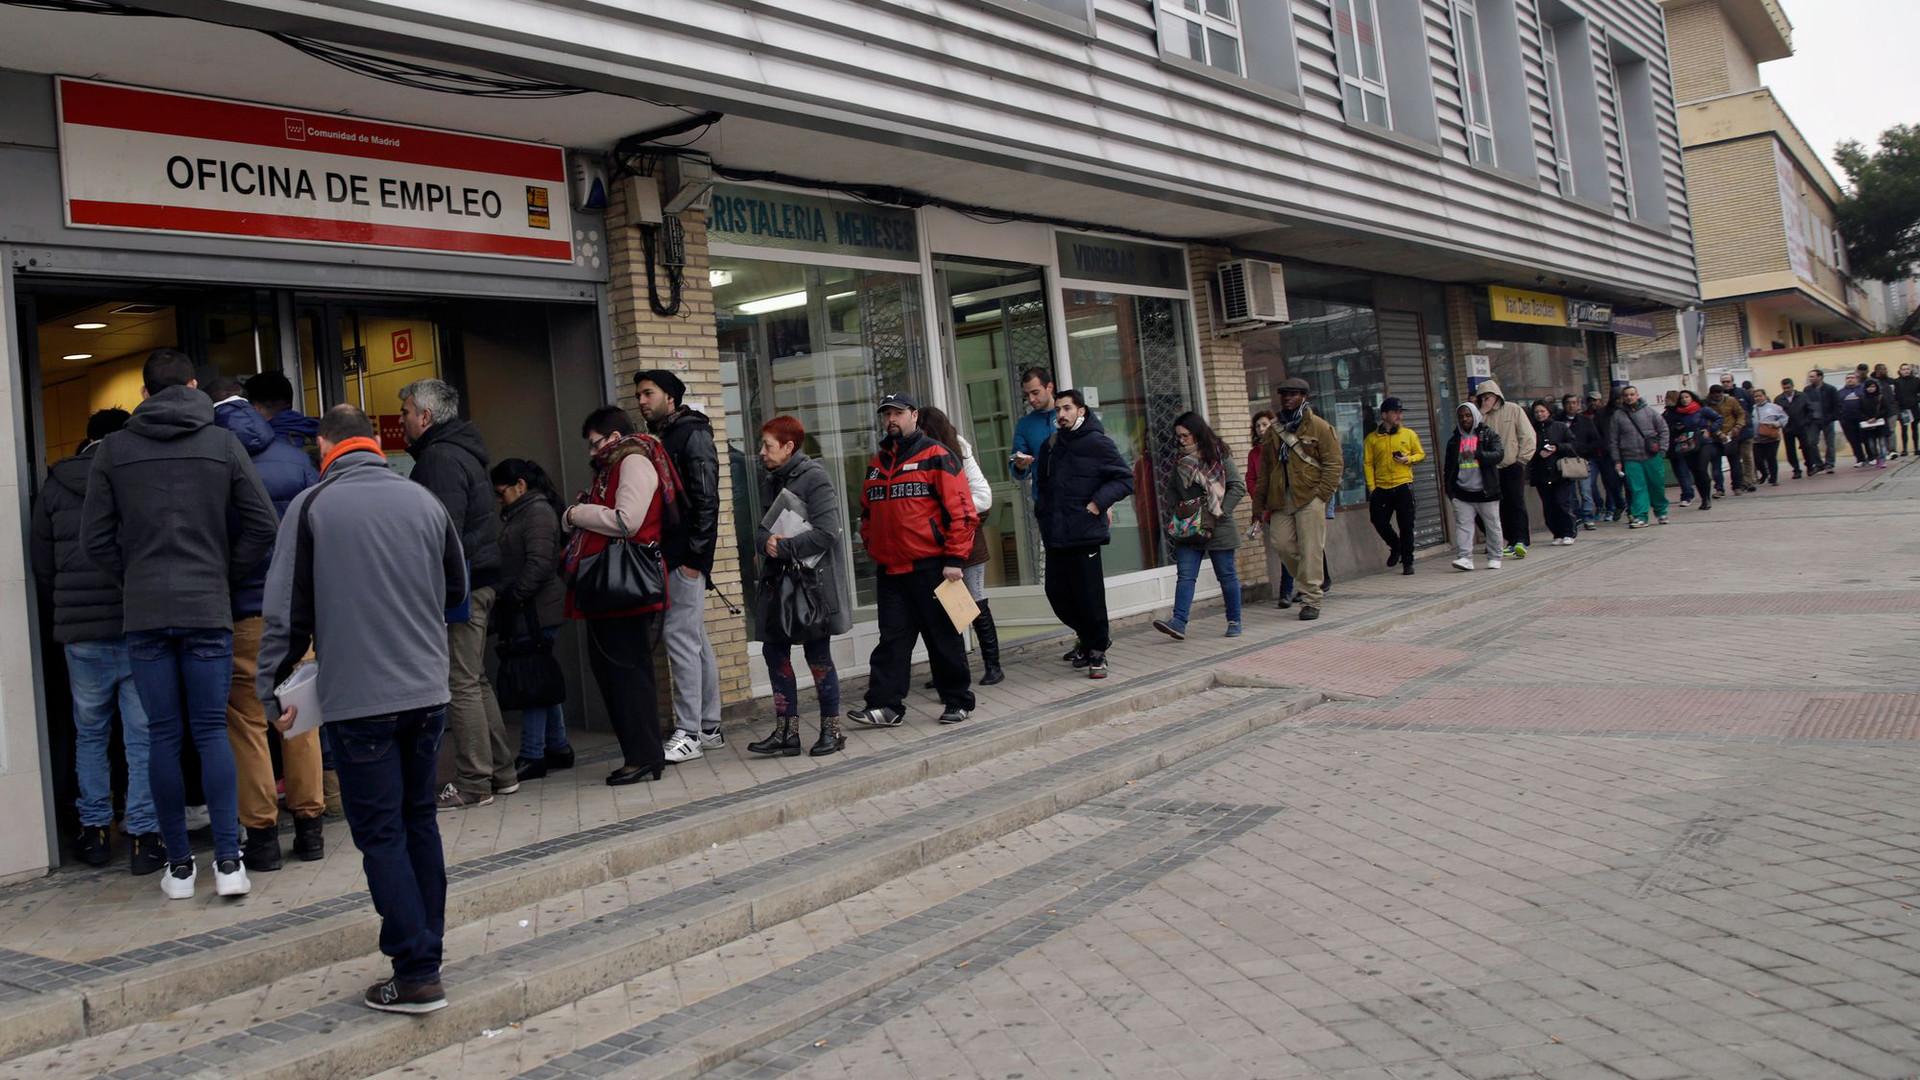 Число нигде неработающих вмире достигло рекордных 192,7 млн человек